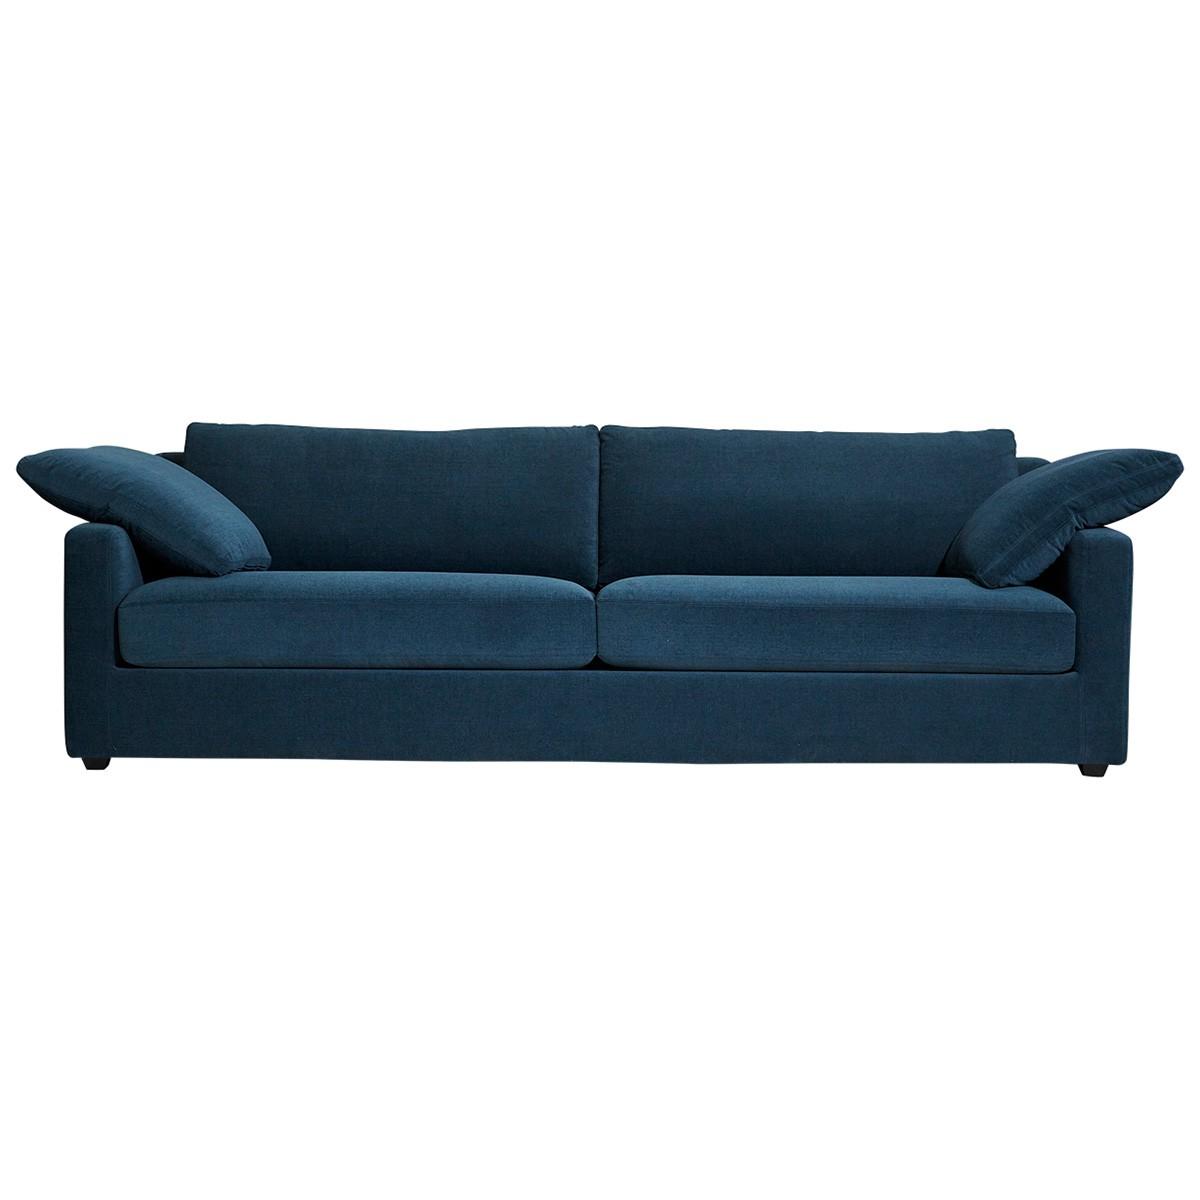 California Chenille Fabric Sofa, 3 Seater